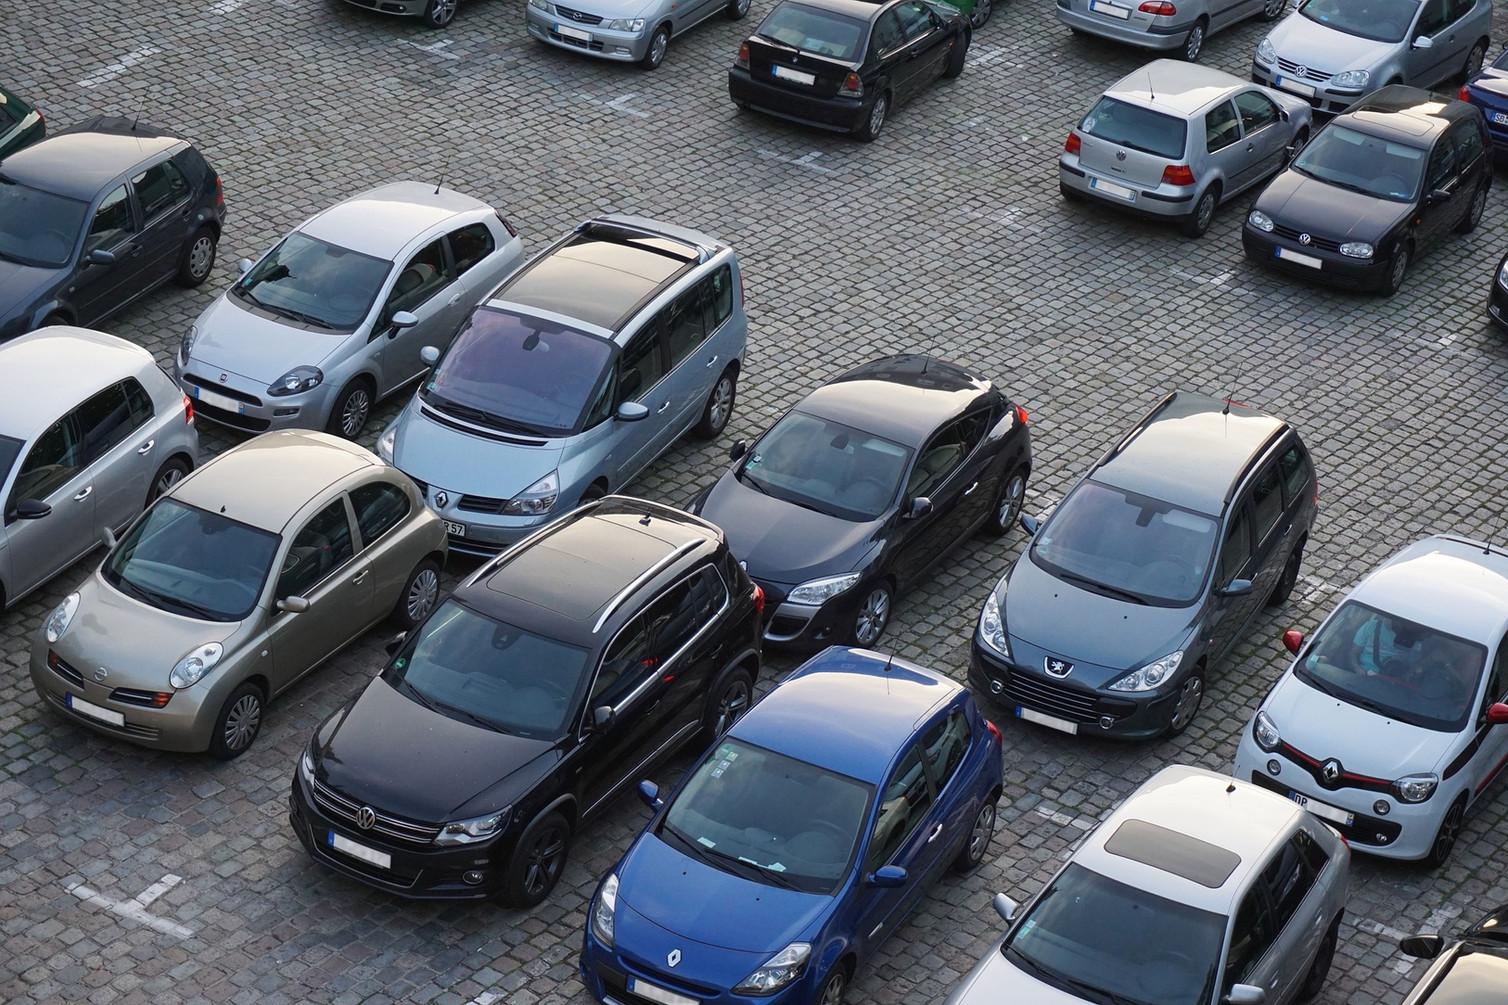 sehr gute Verkehrsanbindung und kostenlose Parkplätze